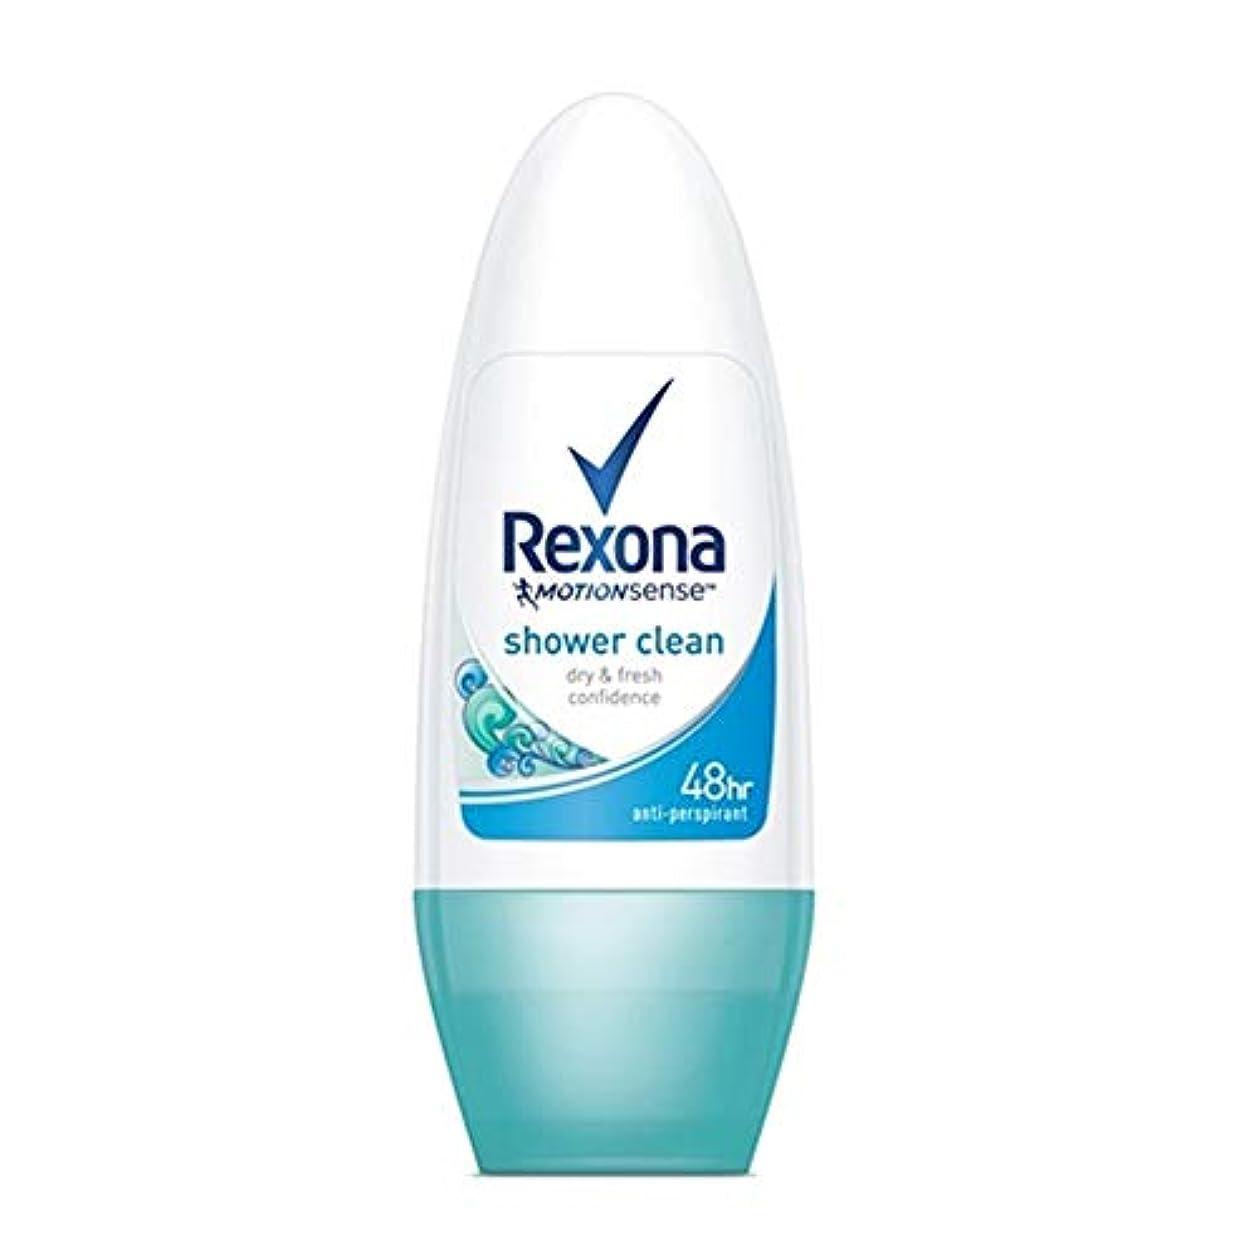 ランドリー履歴書おしゃれなRexona レクソーナ ロールオン デオドラント 50ml【並行輸入品】オリジナルポーチ付き (shower clean)